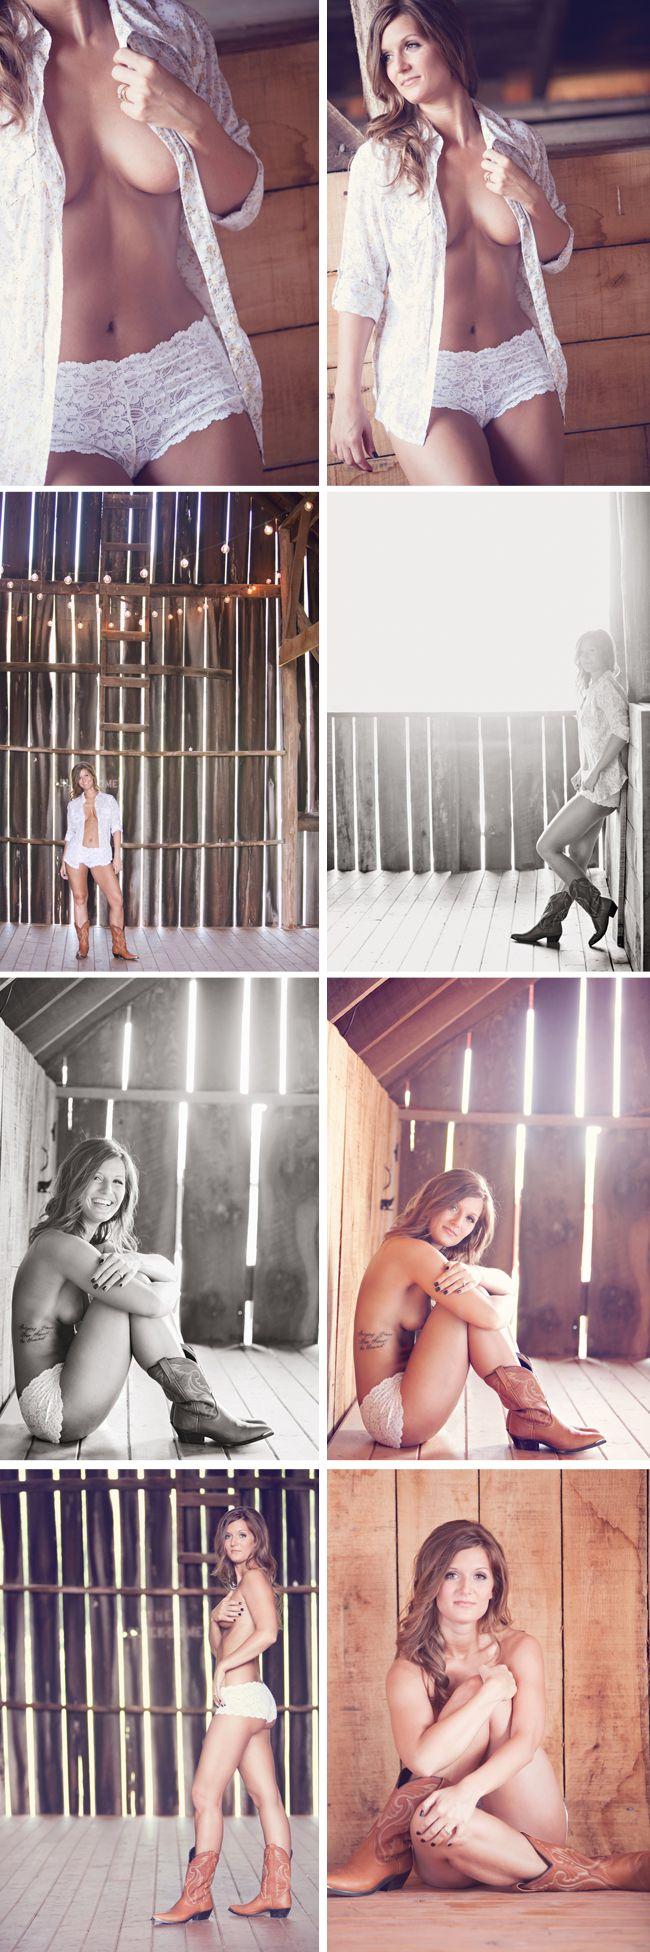 .: Boudoir Photography, Idea, Boudior Photos Cowgirl, Country Girl, Westerns Boudoir, Bodouir Photography, Photos Shoots, Boudoir Photoshoot, Barns Boudoir